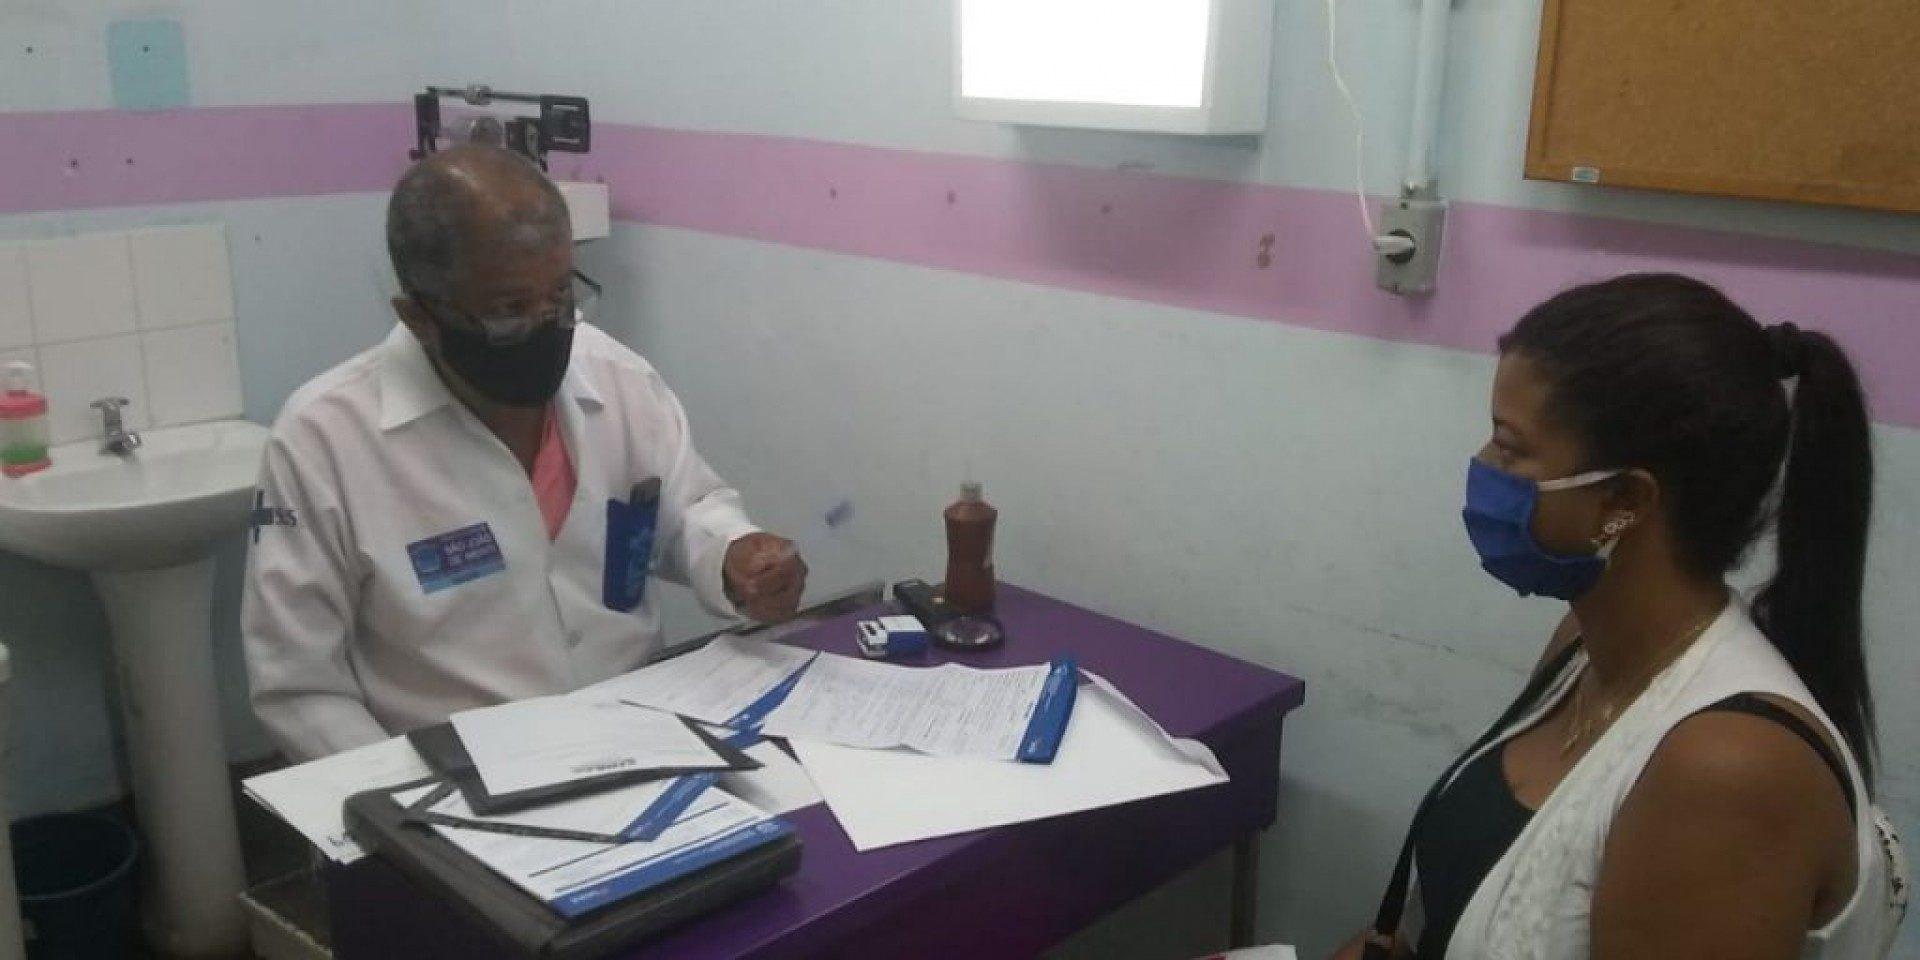 El diagnóstico y el procedimiento necesario para el tratamiento del cáncer se realizan in situ.  - Divulgación / PMSJM